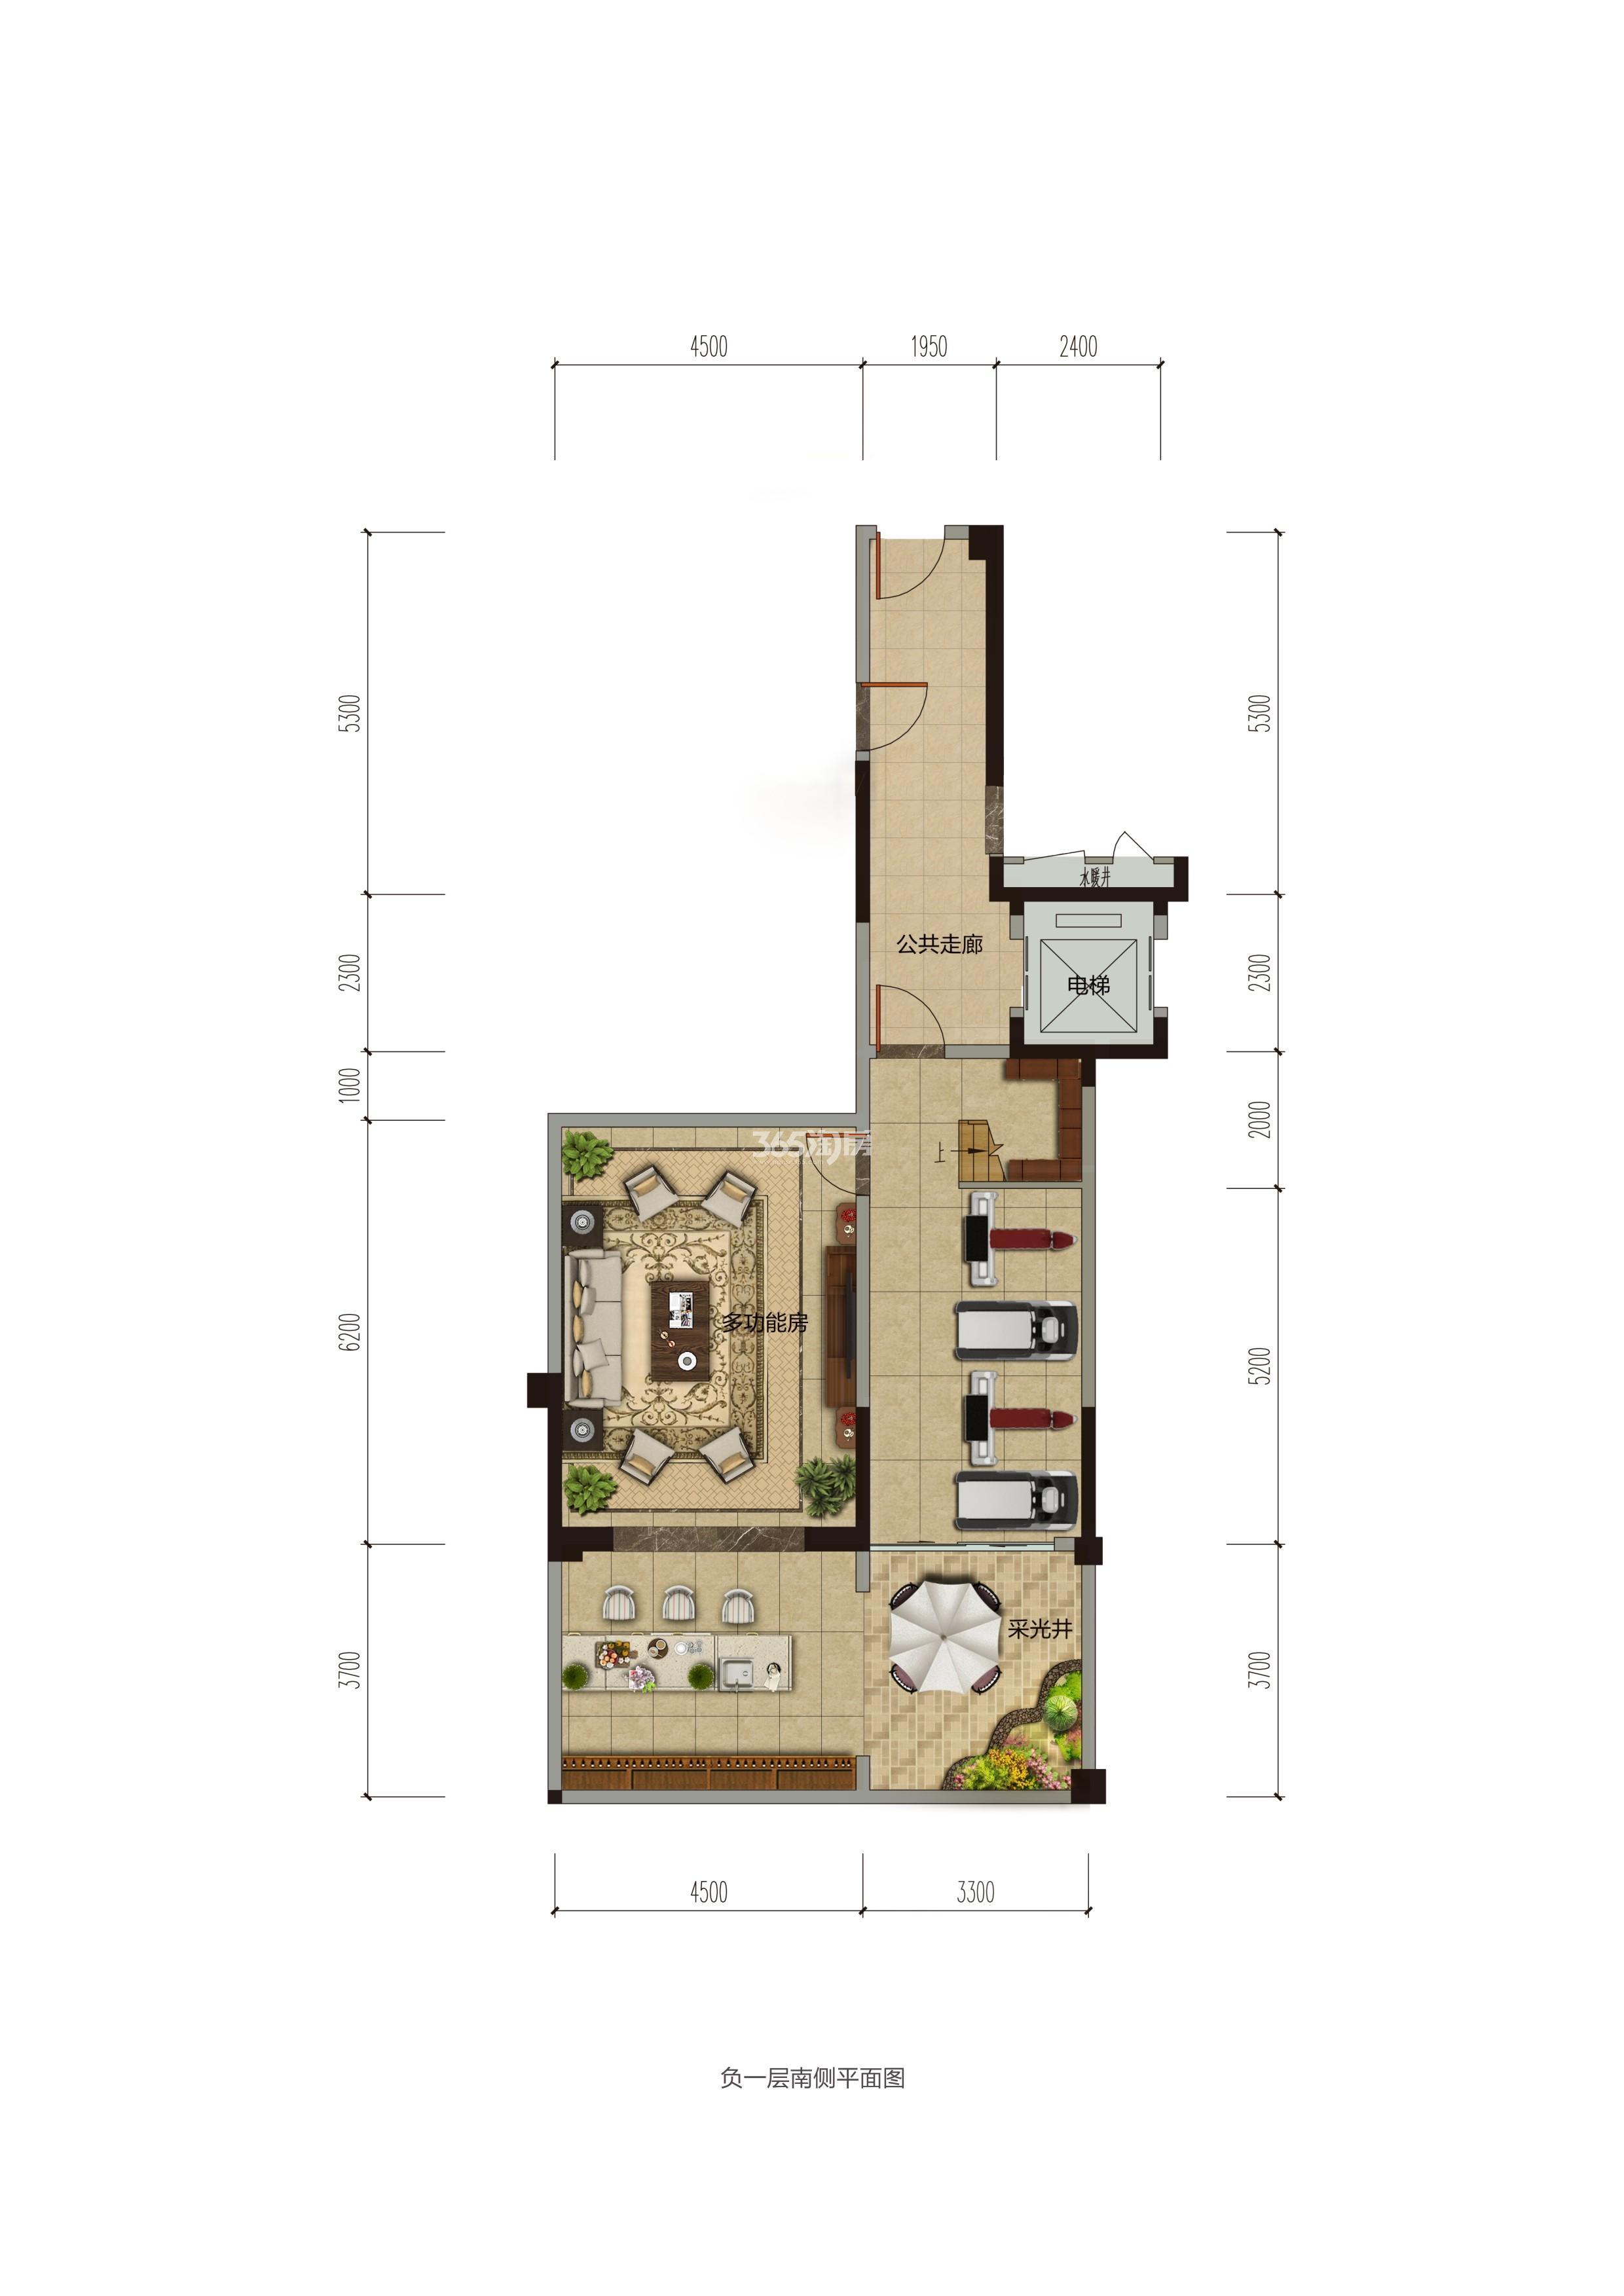 碧桂园香湖湾1号项目157-185㎡下叠(地下)户型图